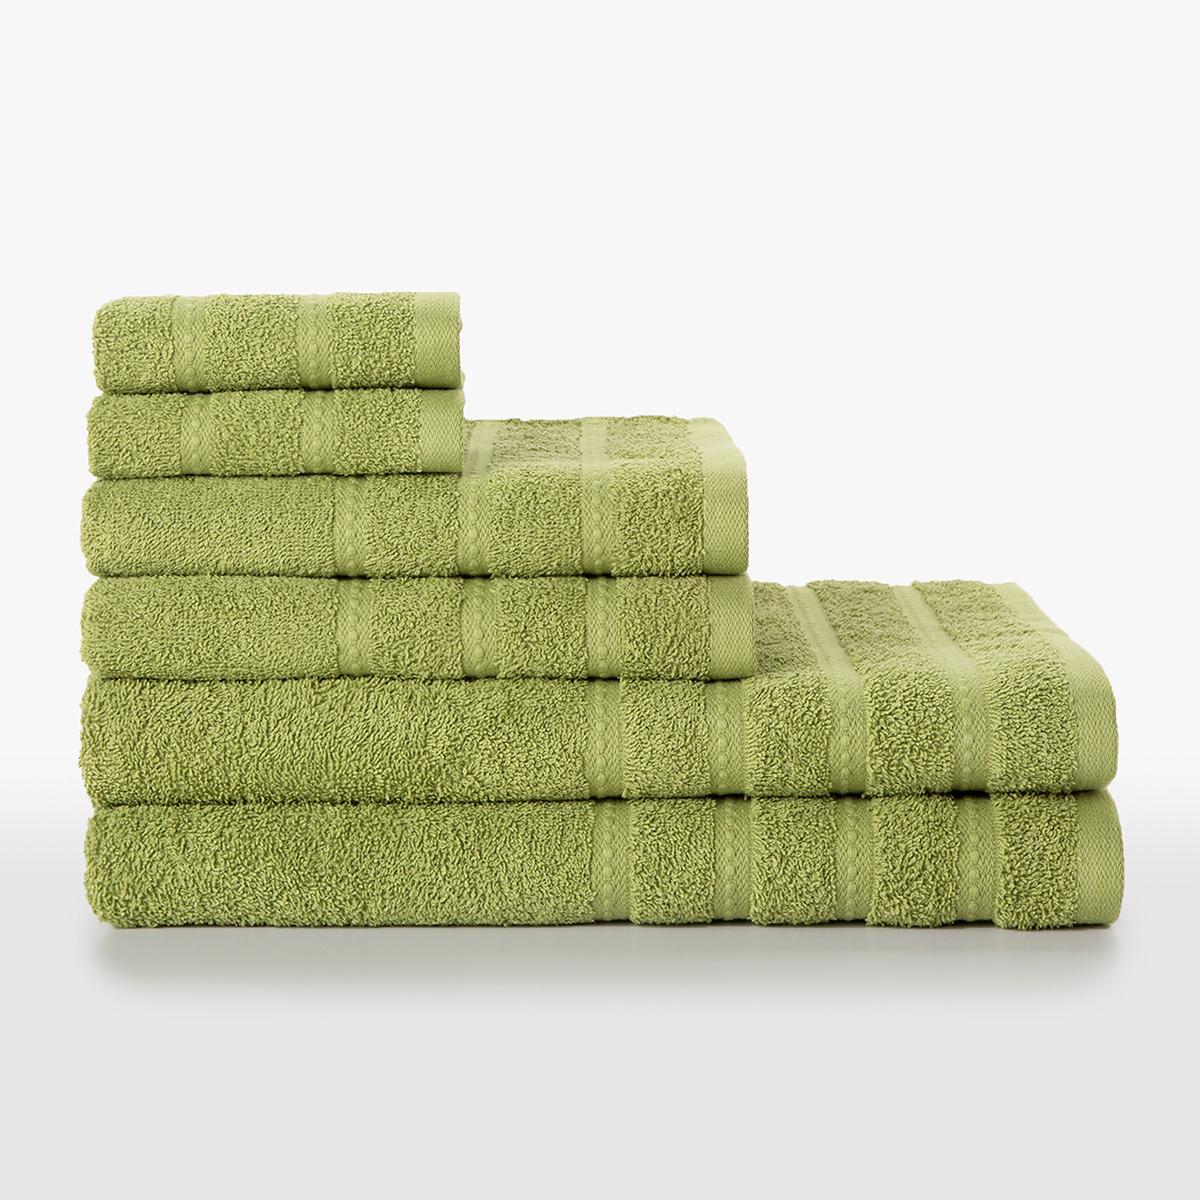 Juego de 6 toallas de algodón de 450 gr/m2